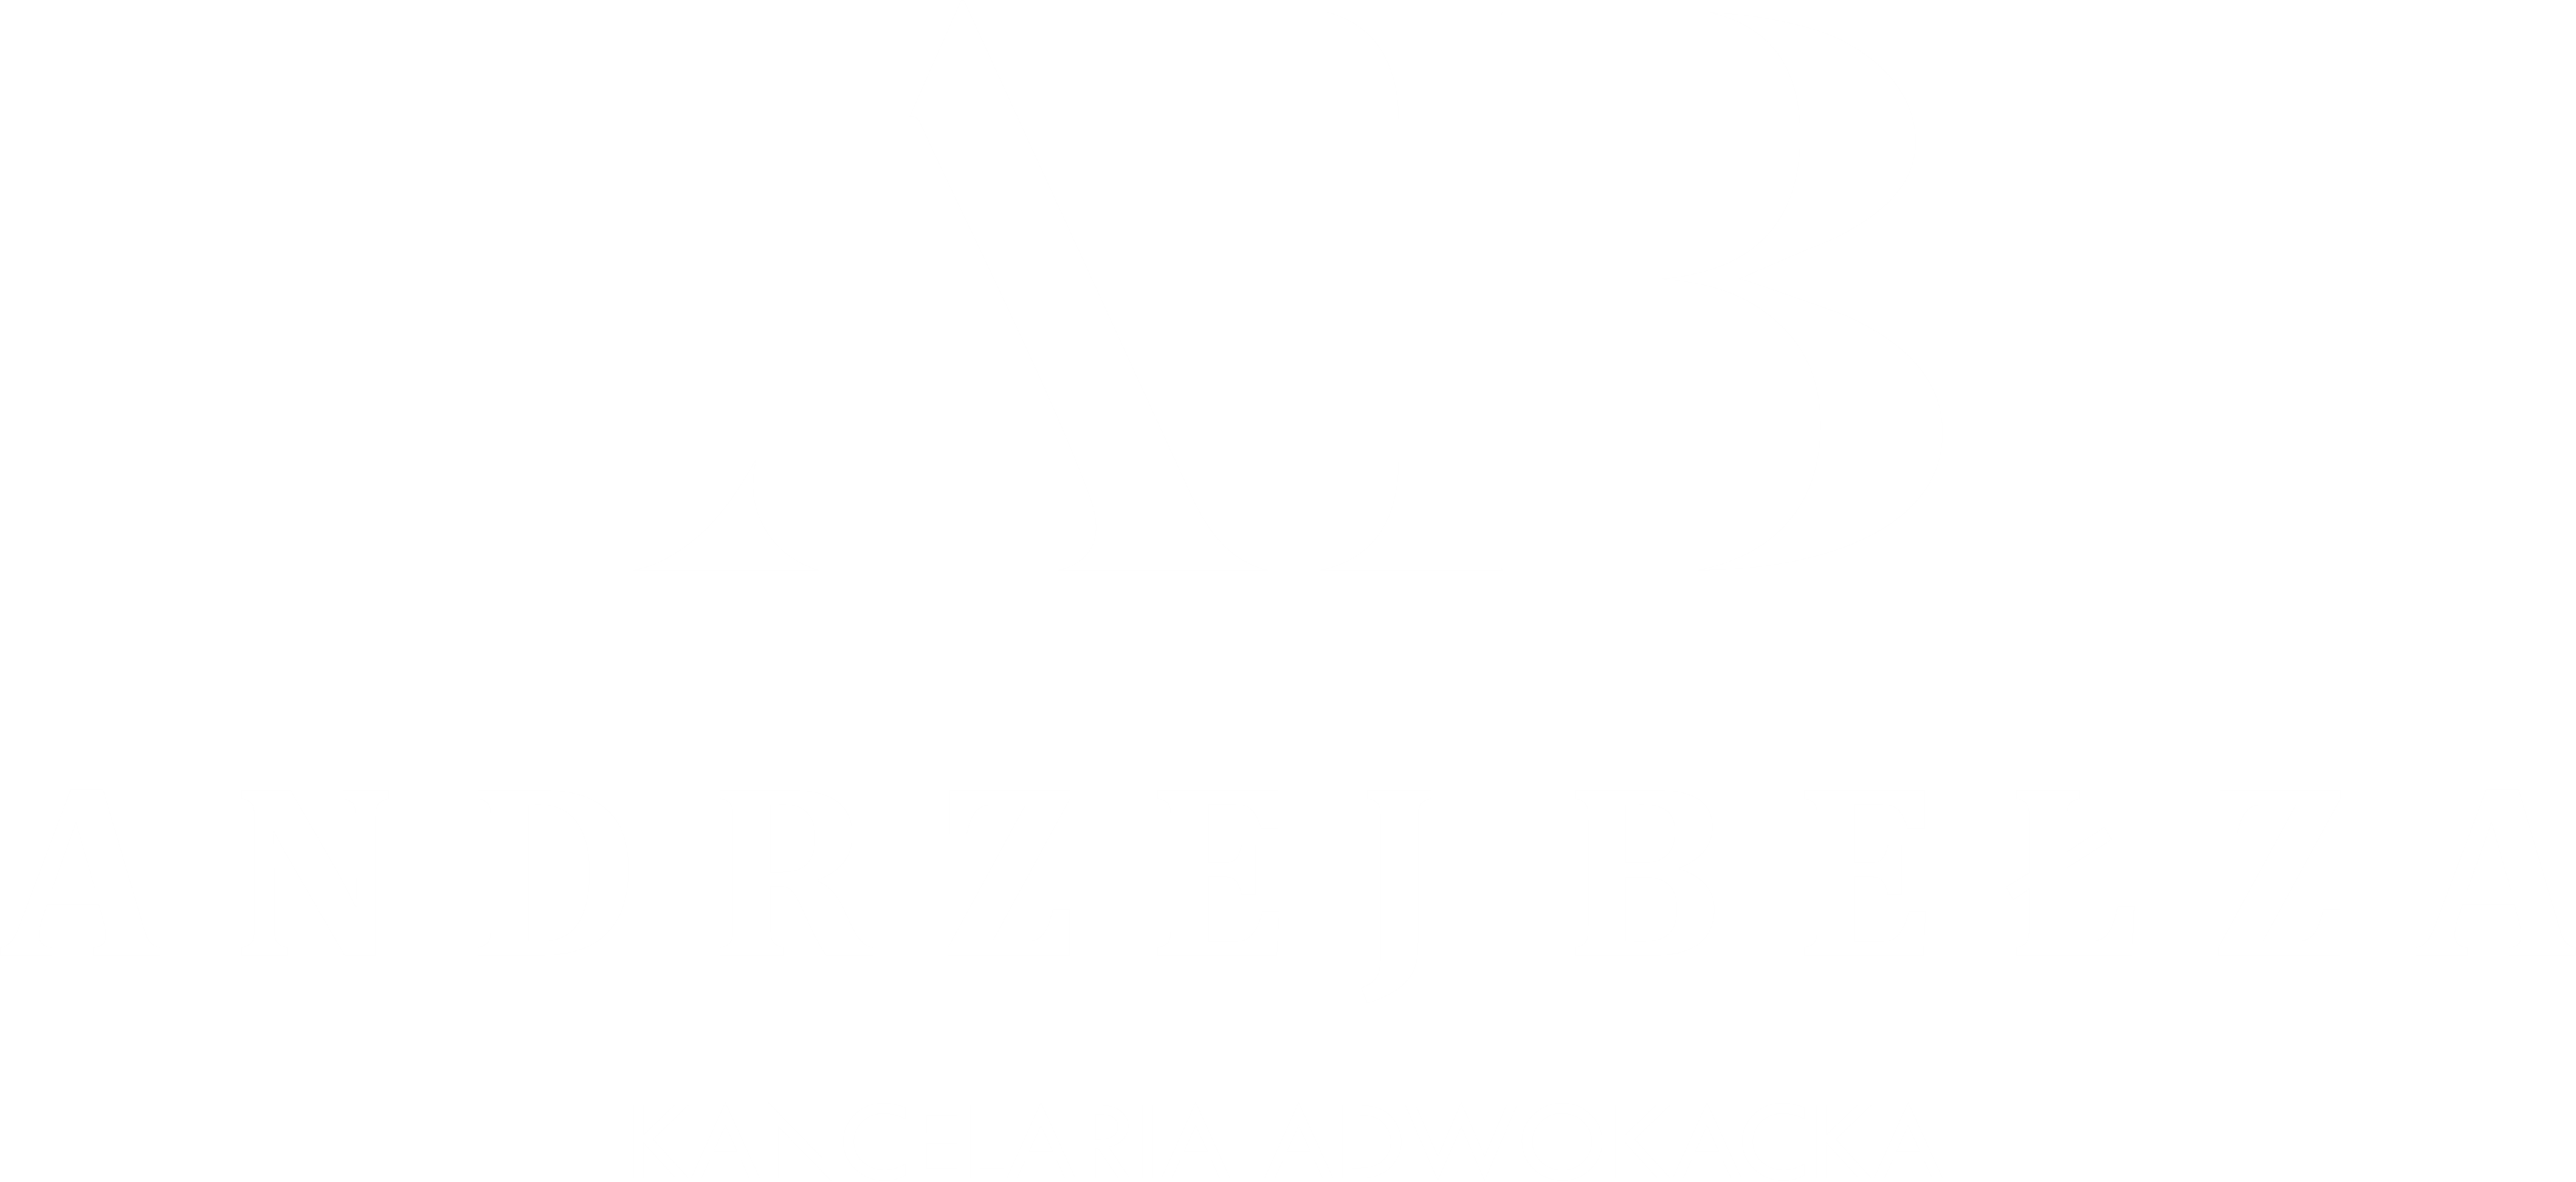 Kancelaria Andrzej Bełza